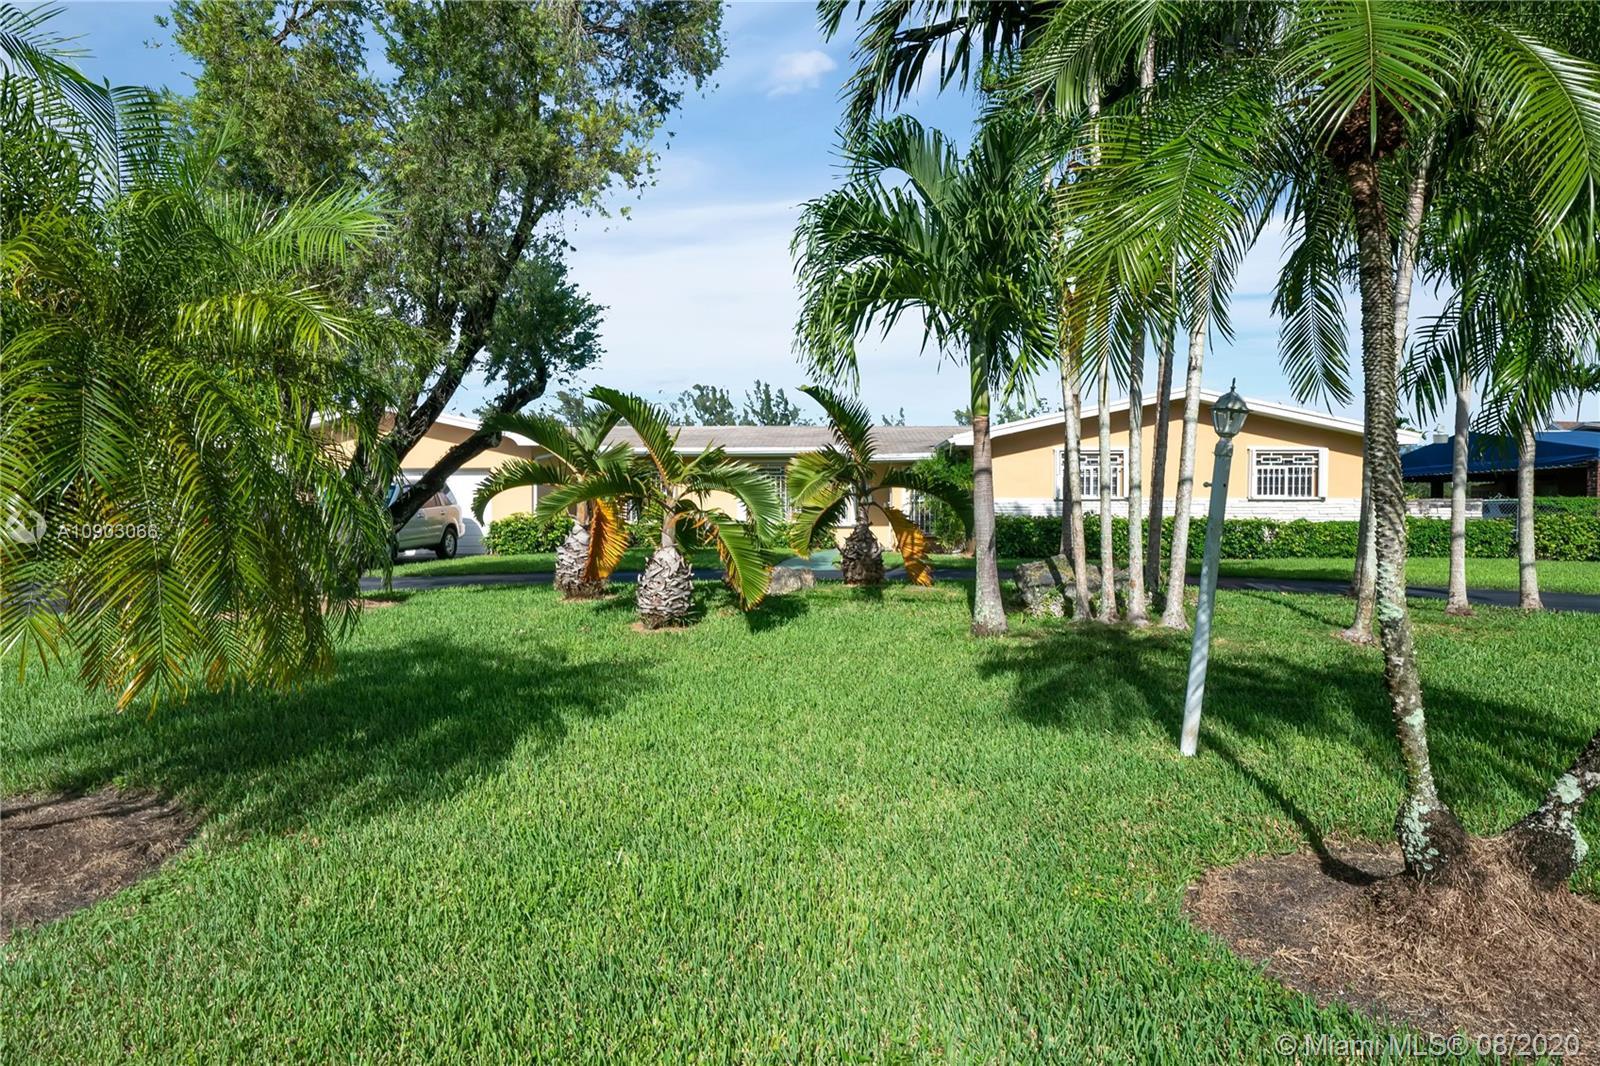 South Miami - 5805 SW 74th Ave, Miami, FL 33143